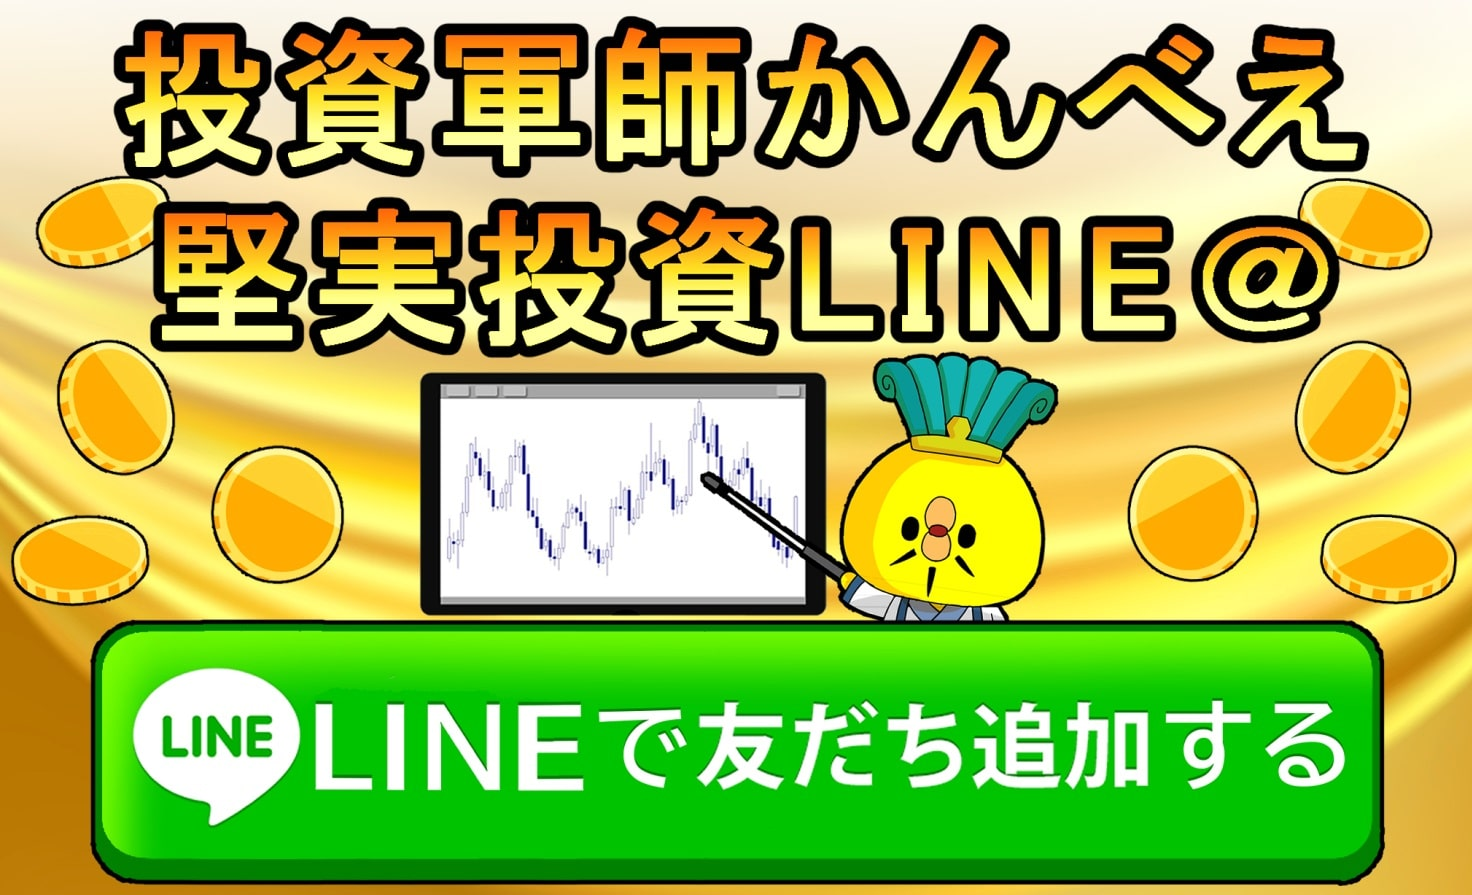 かんべえ堅実投資LINE@